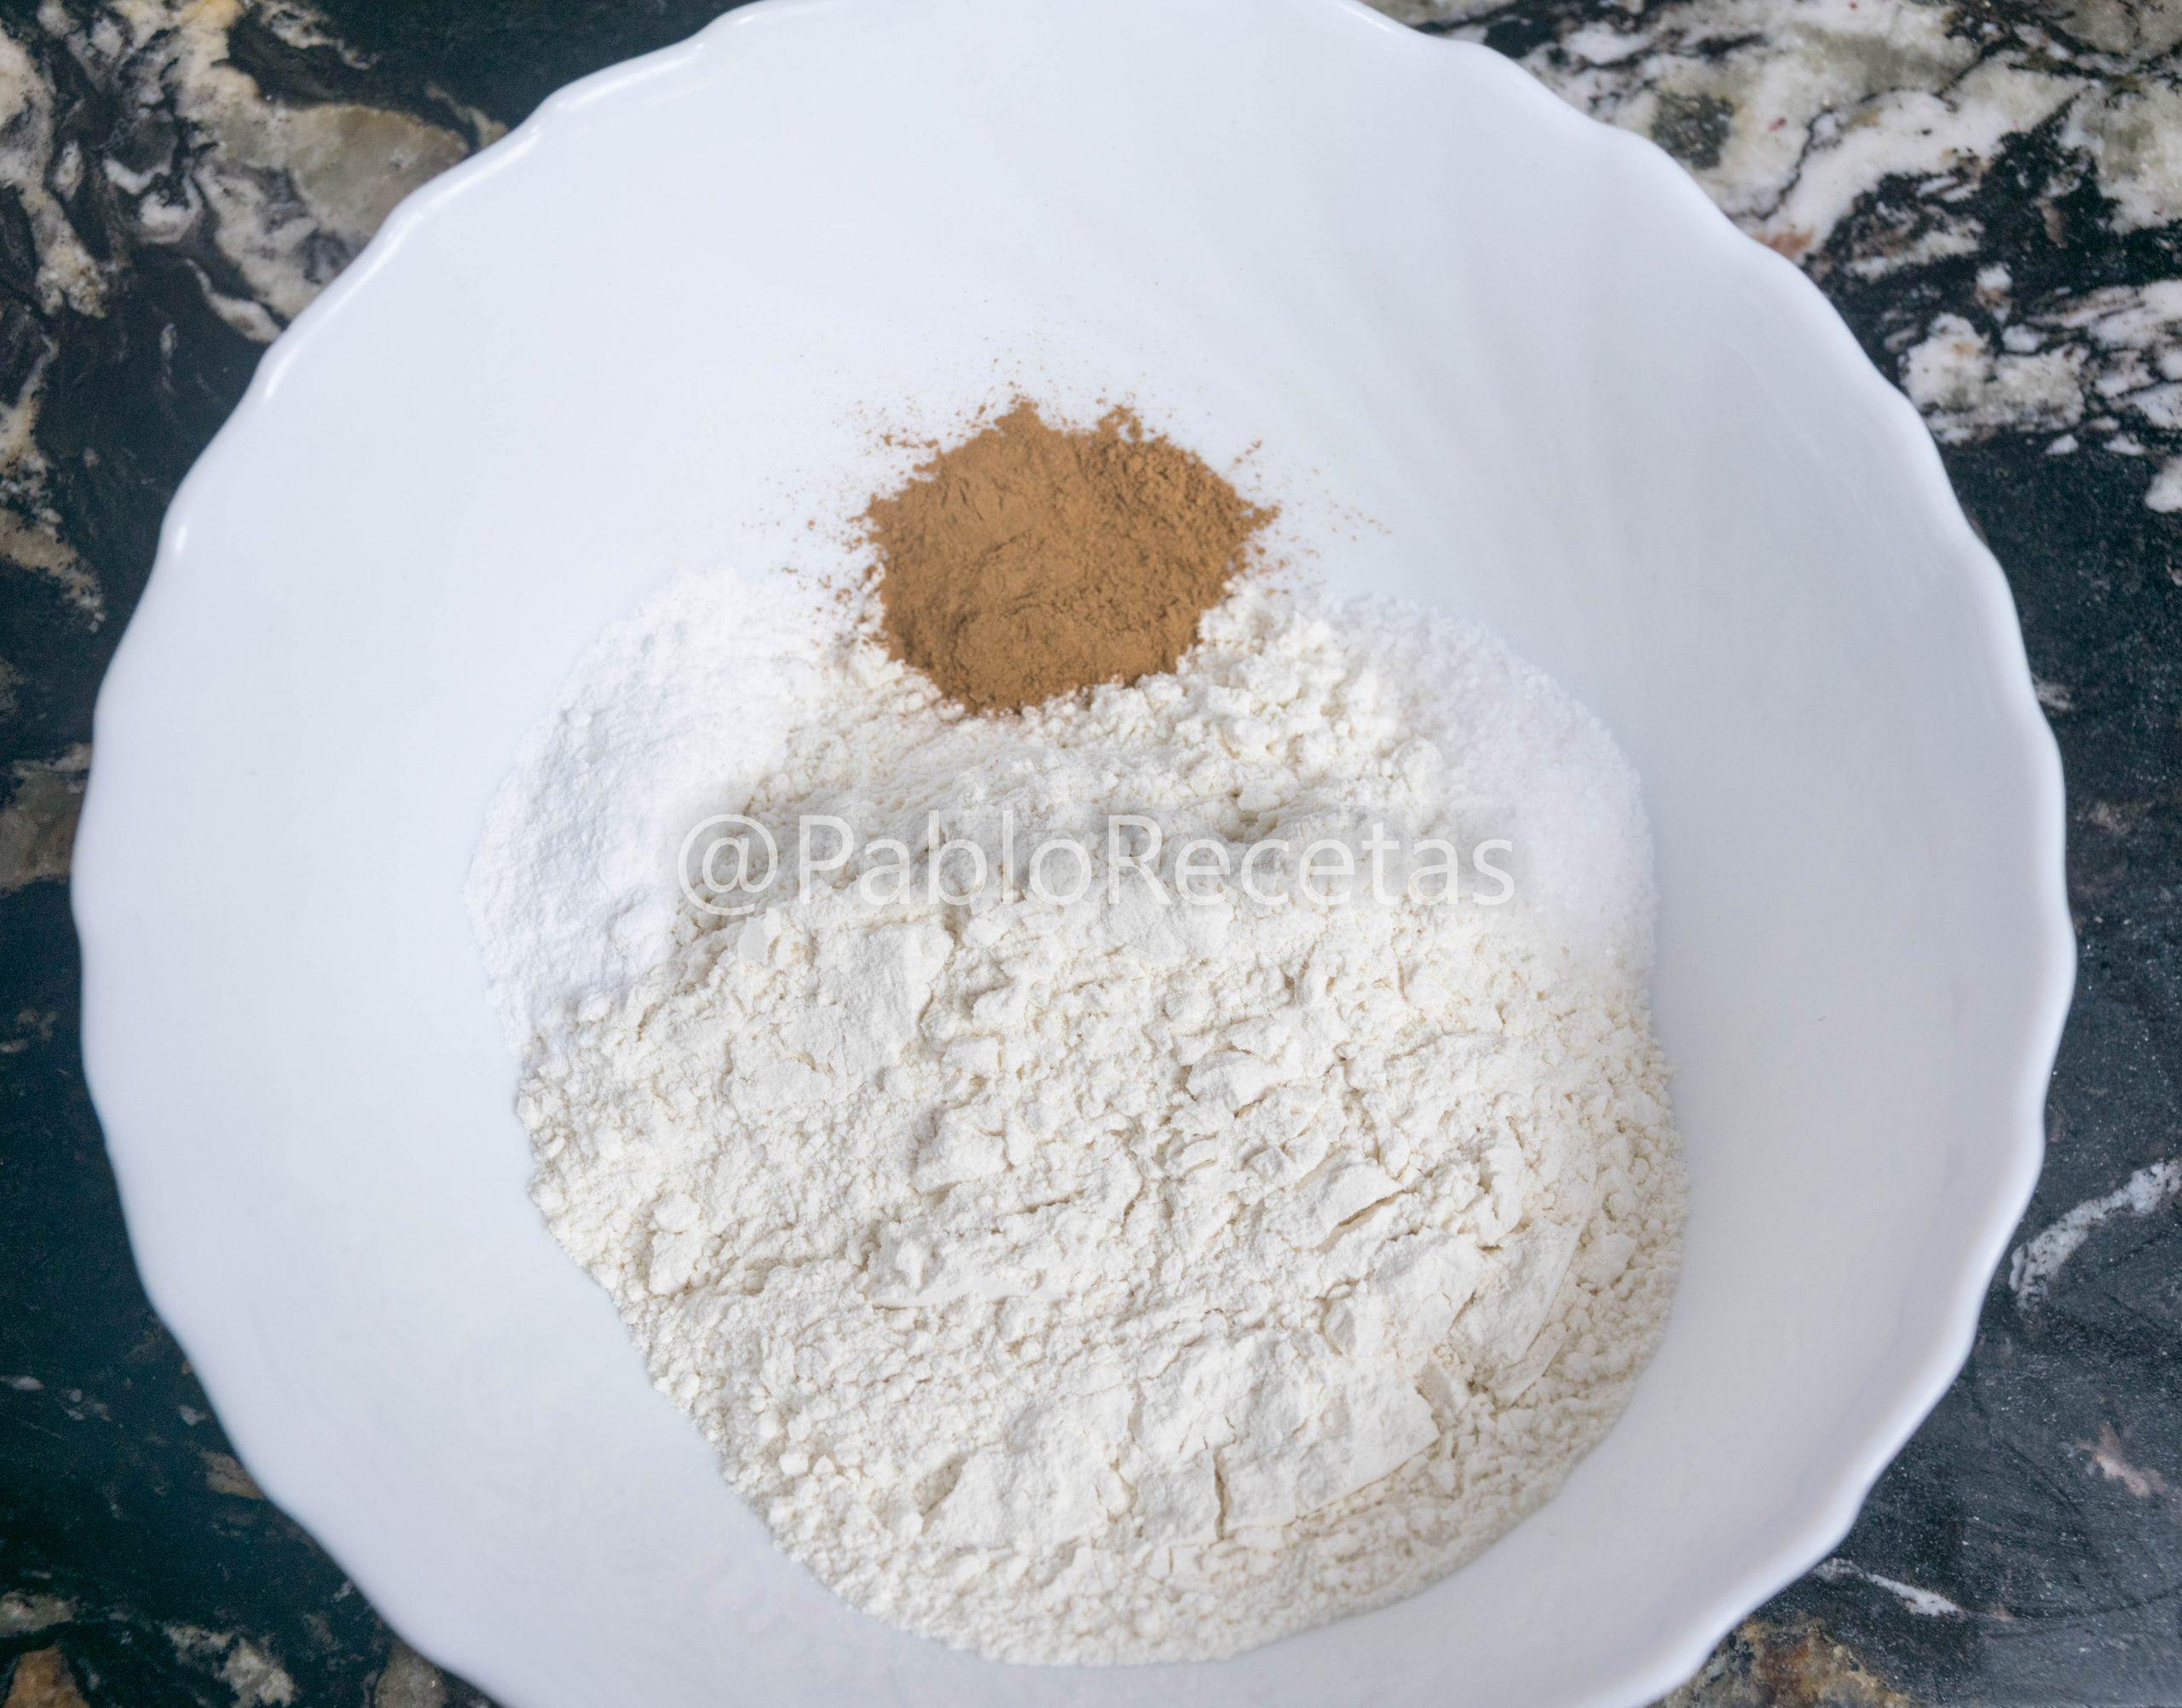 Mezclando ingredientes secos.